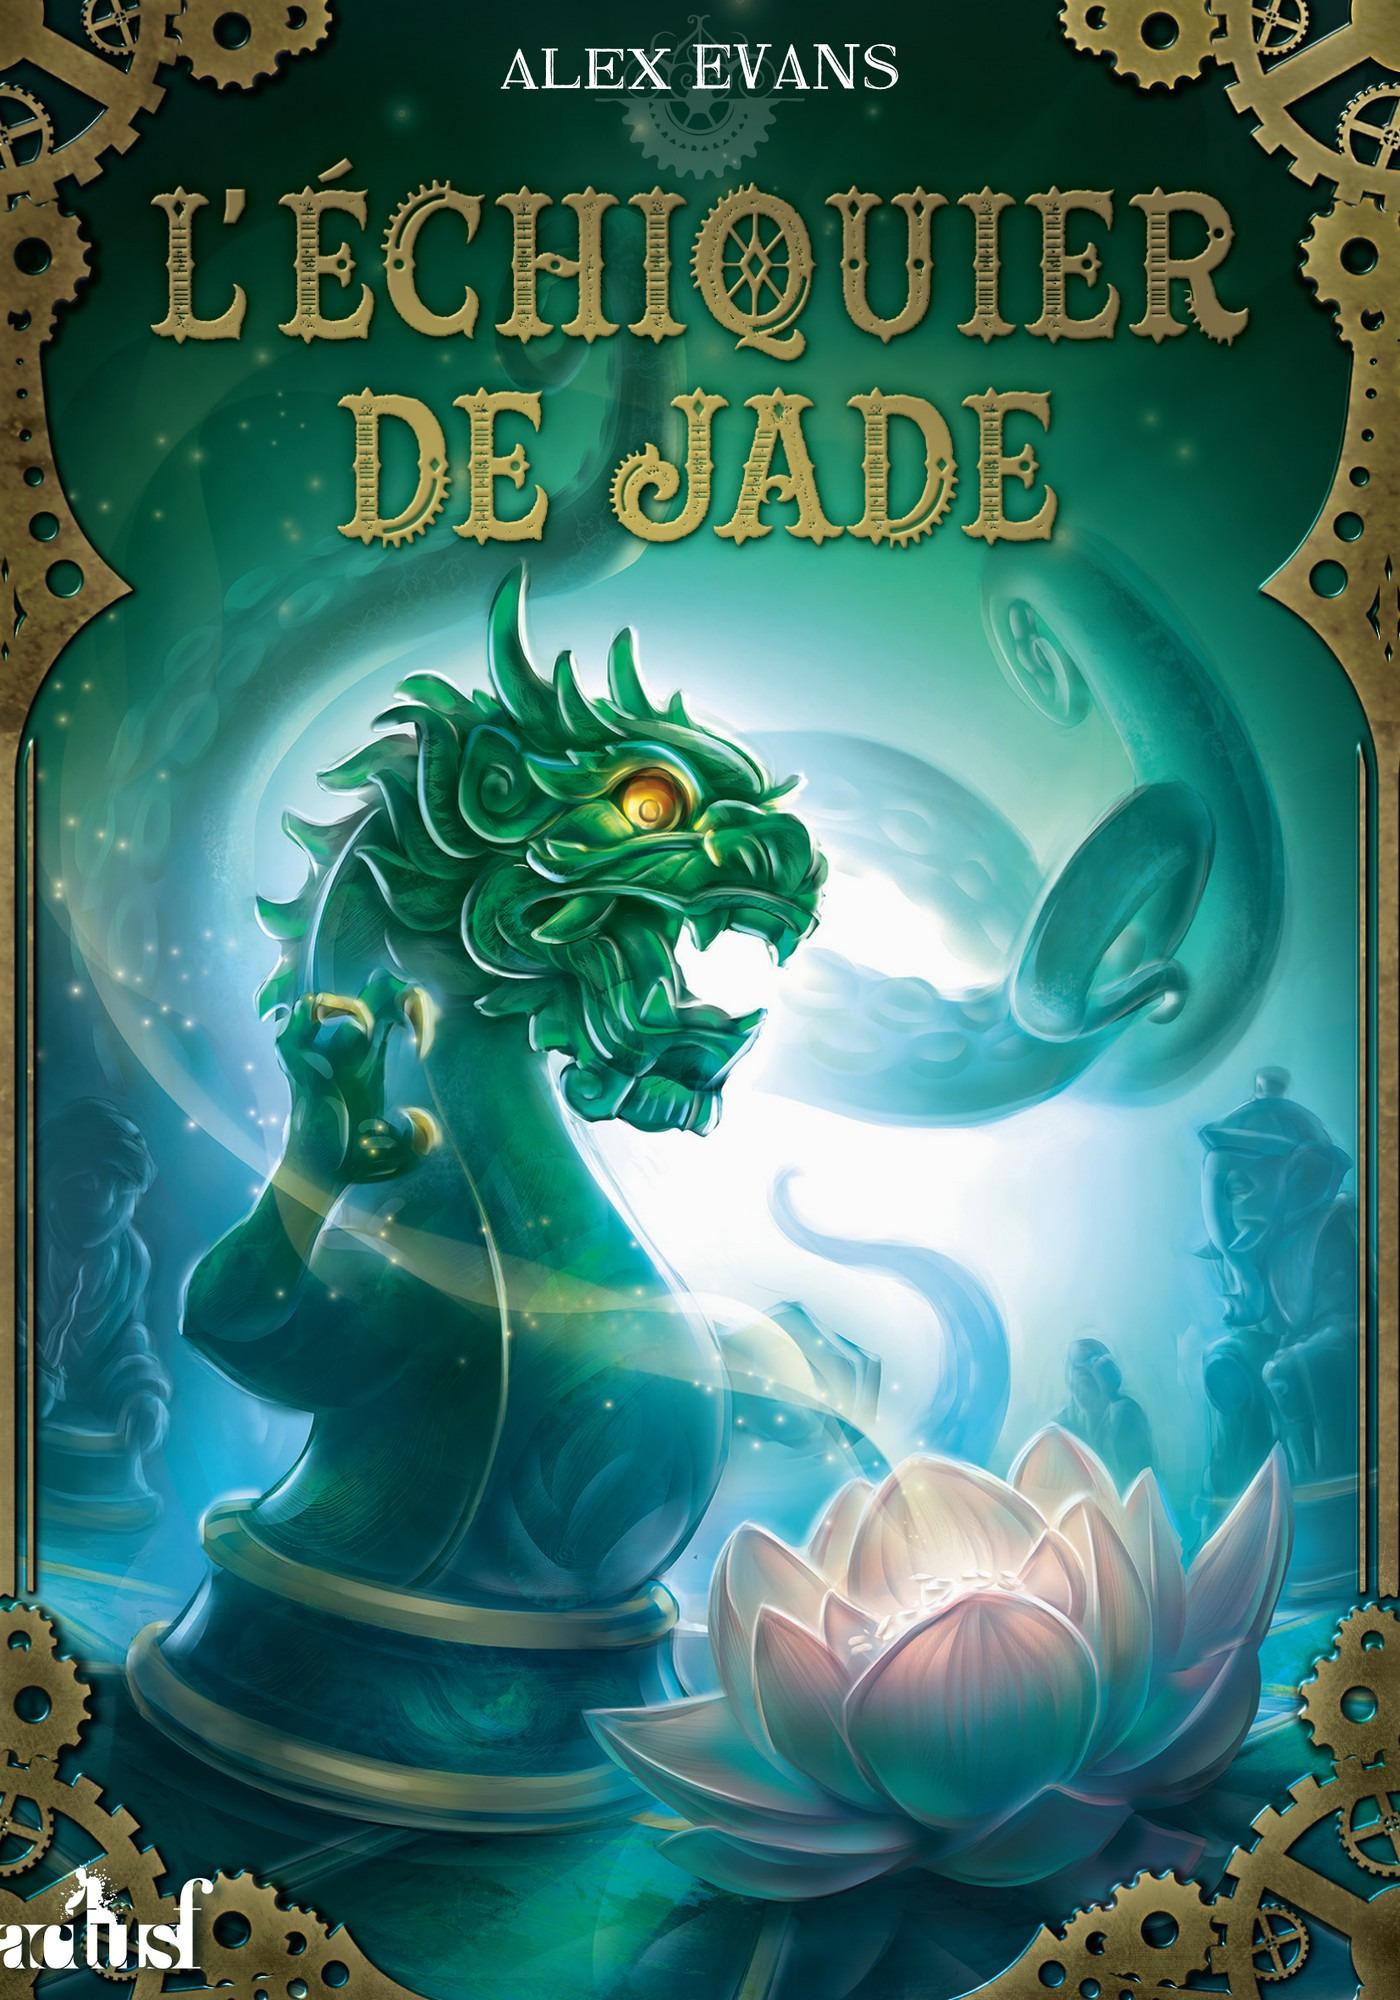 L'echiquier de jade